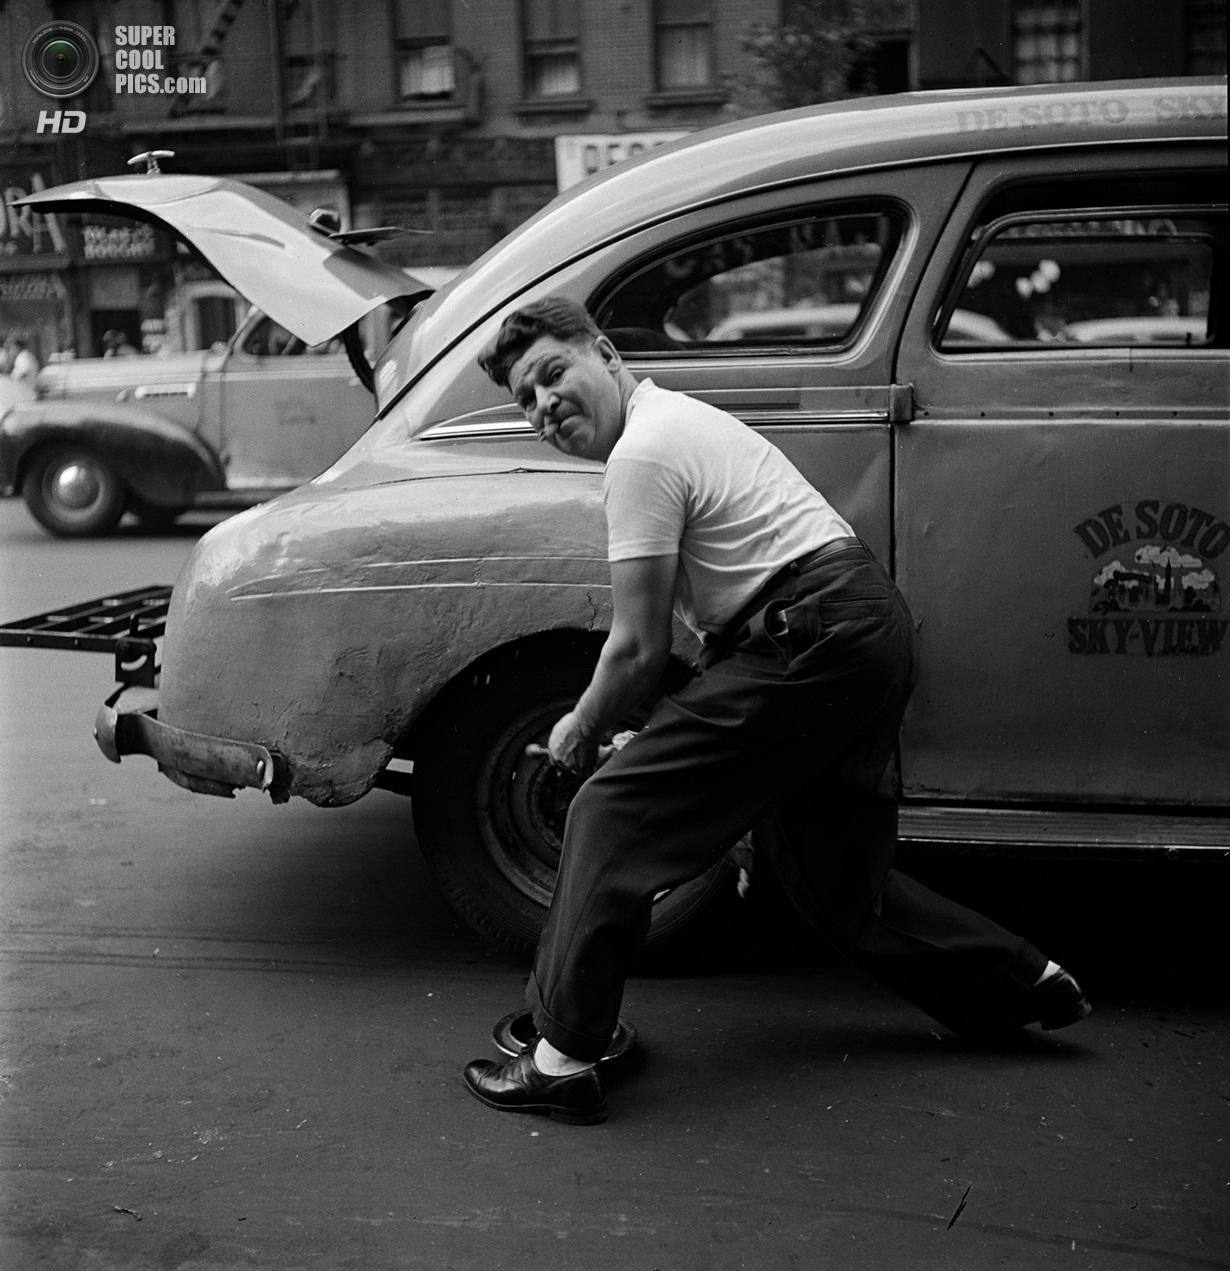 США. Нью-Йорк. 1946 год. Замена проколотой шины. (V&M/Look/Stanley Kubrick)